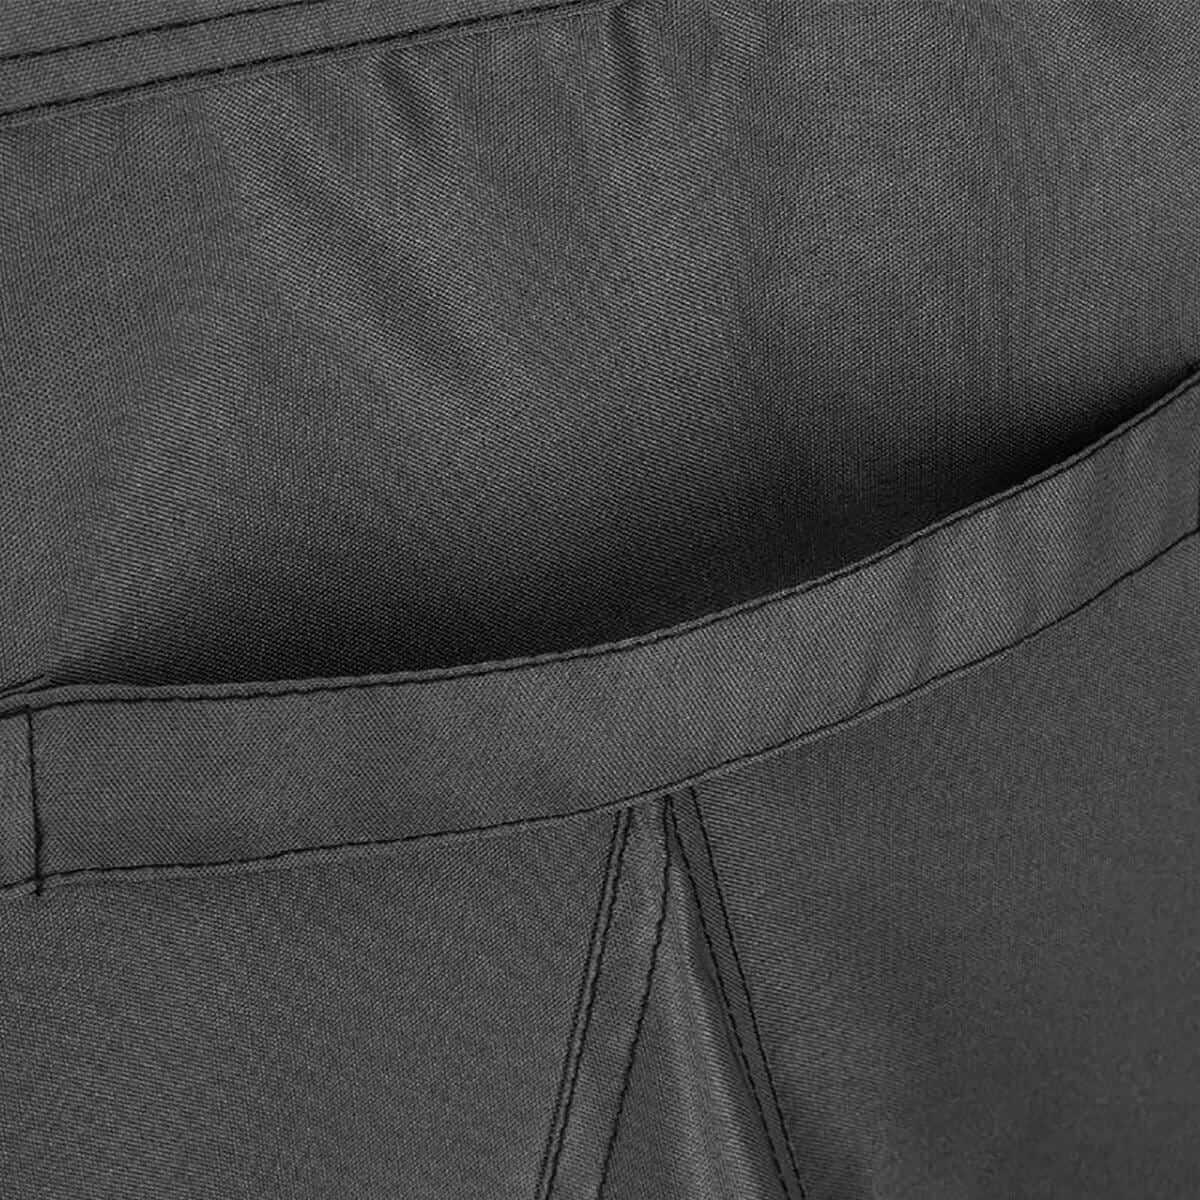 כיסוי לשמשיה רגל צד הכולל מקל הלבשה - תמונה 2